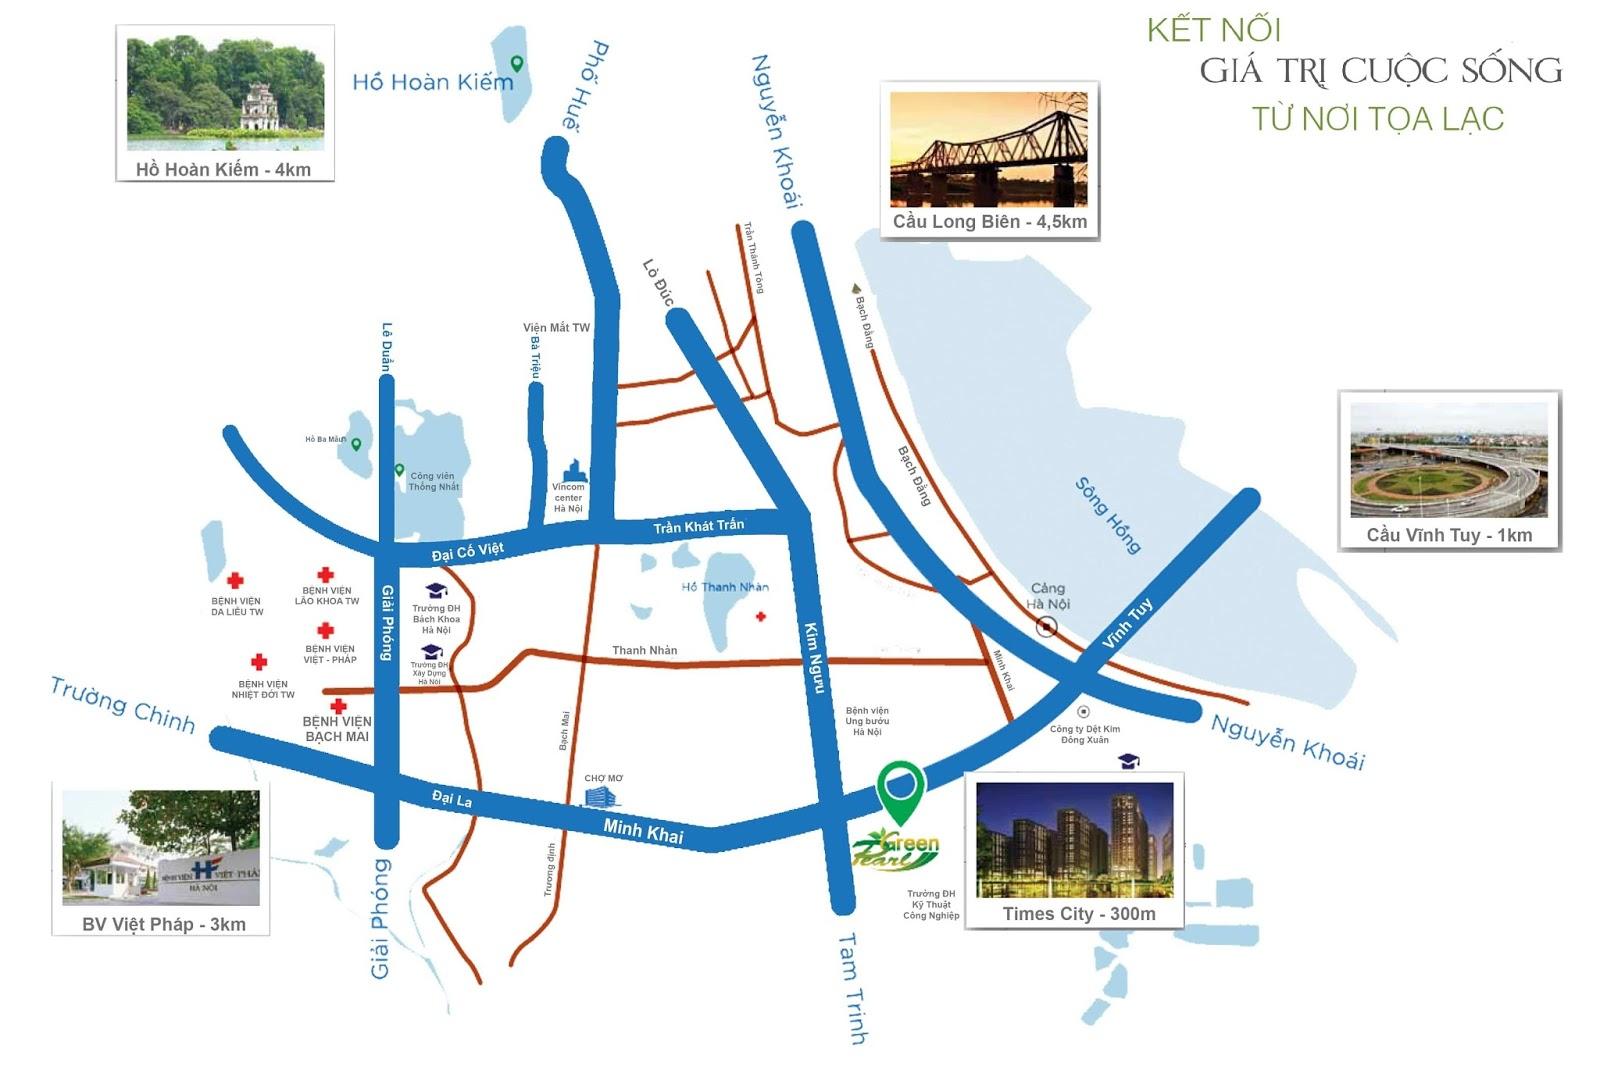 Liên kết vùng của dự án chung cư Green Pearl Minh Khai